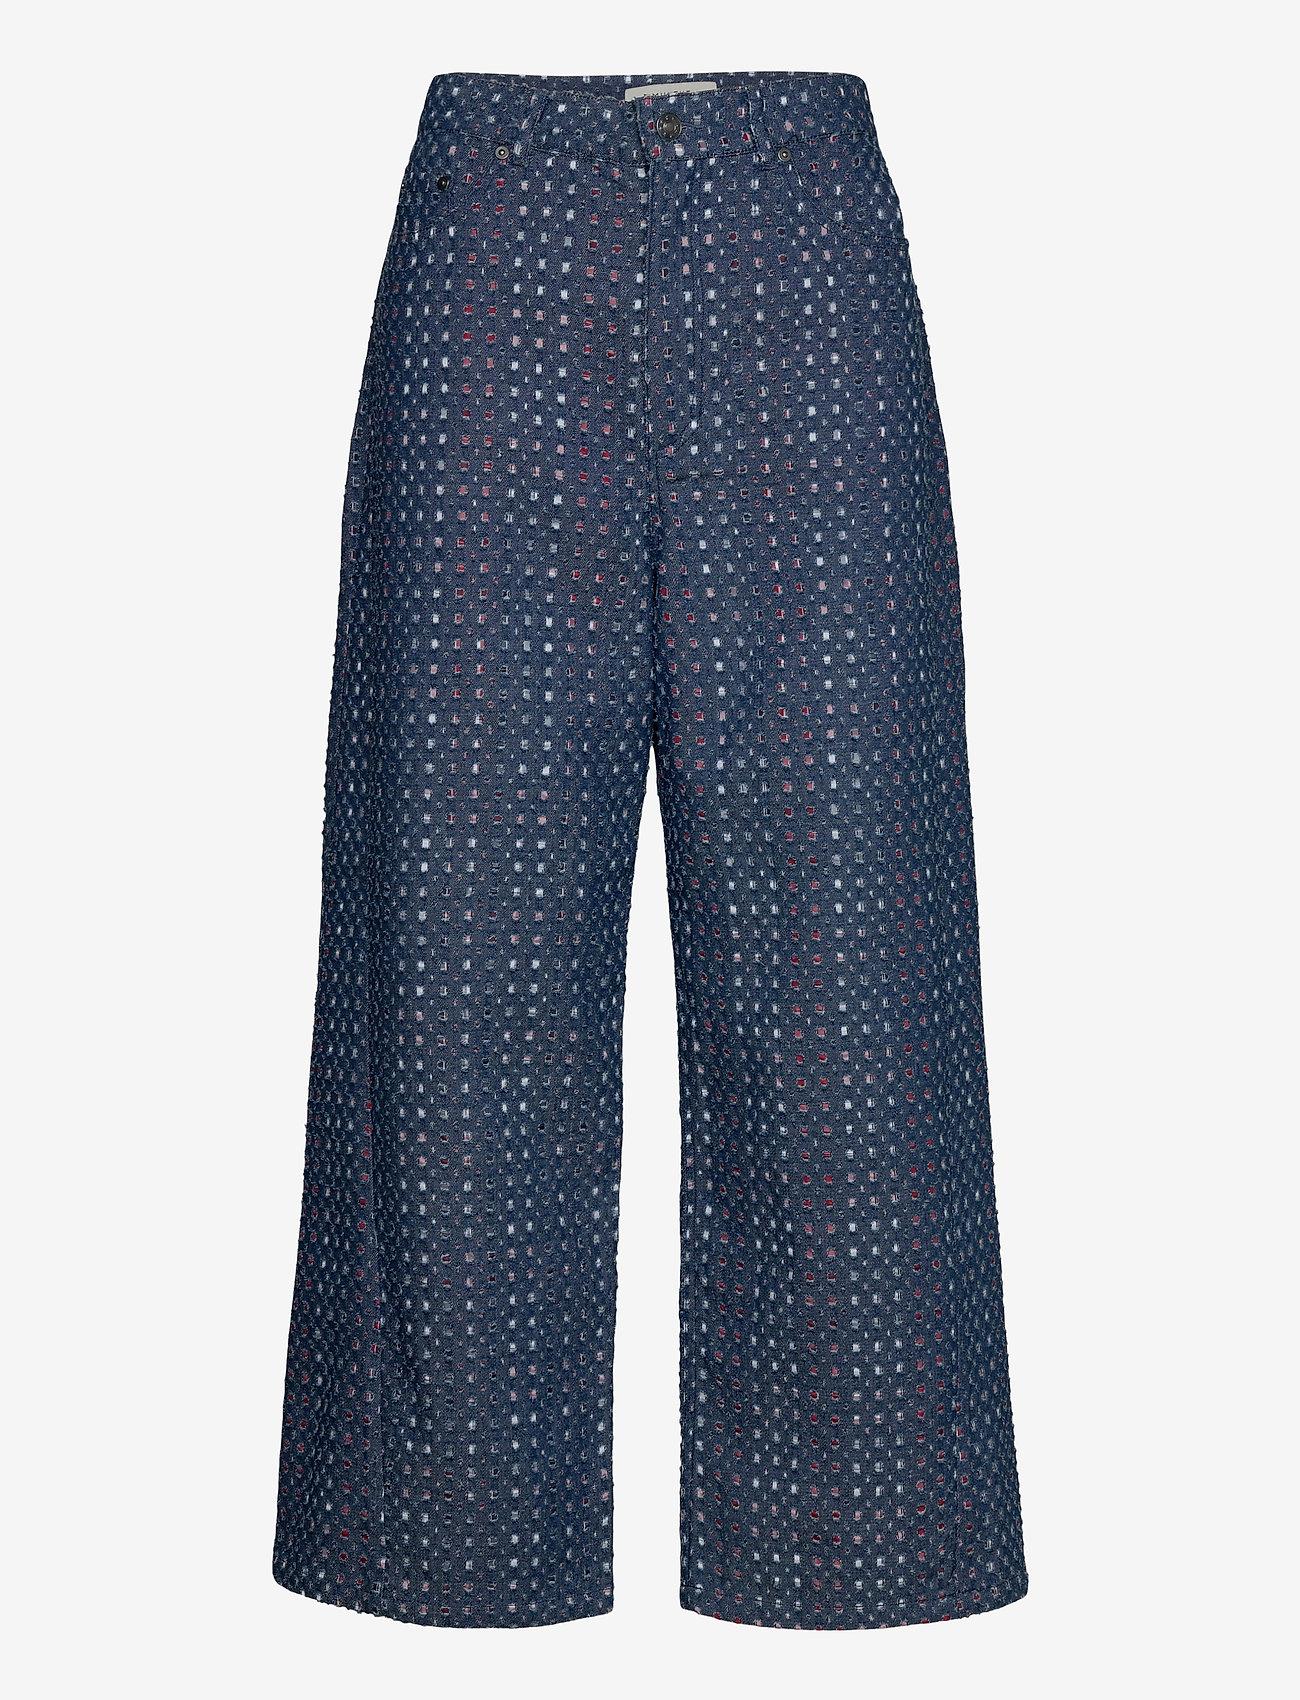 Munthe - LUBIANA - broeken met wijde pijpen - indigo - 1